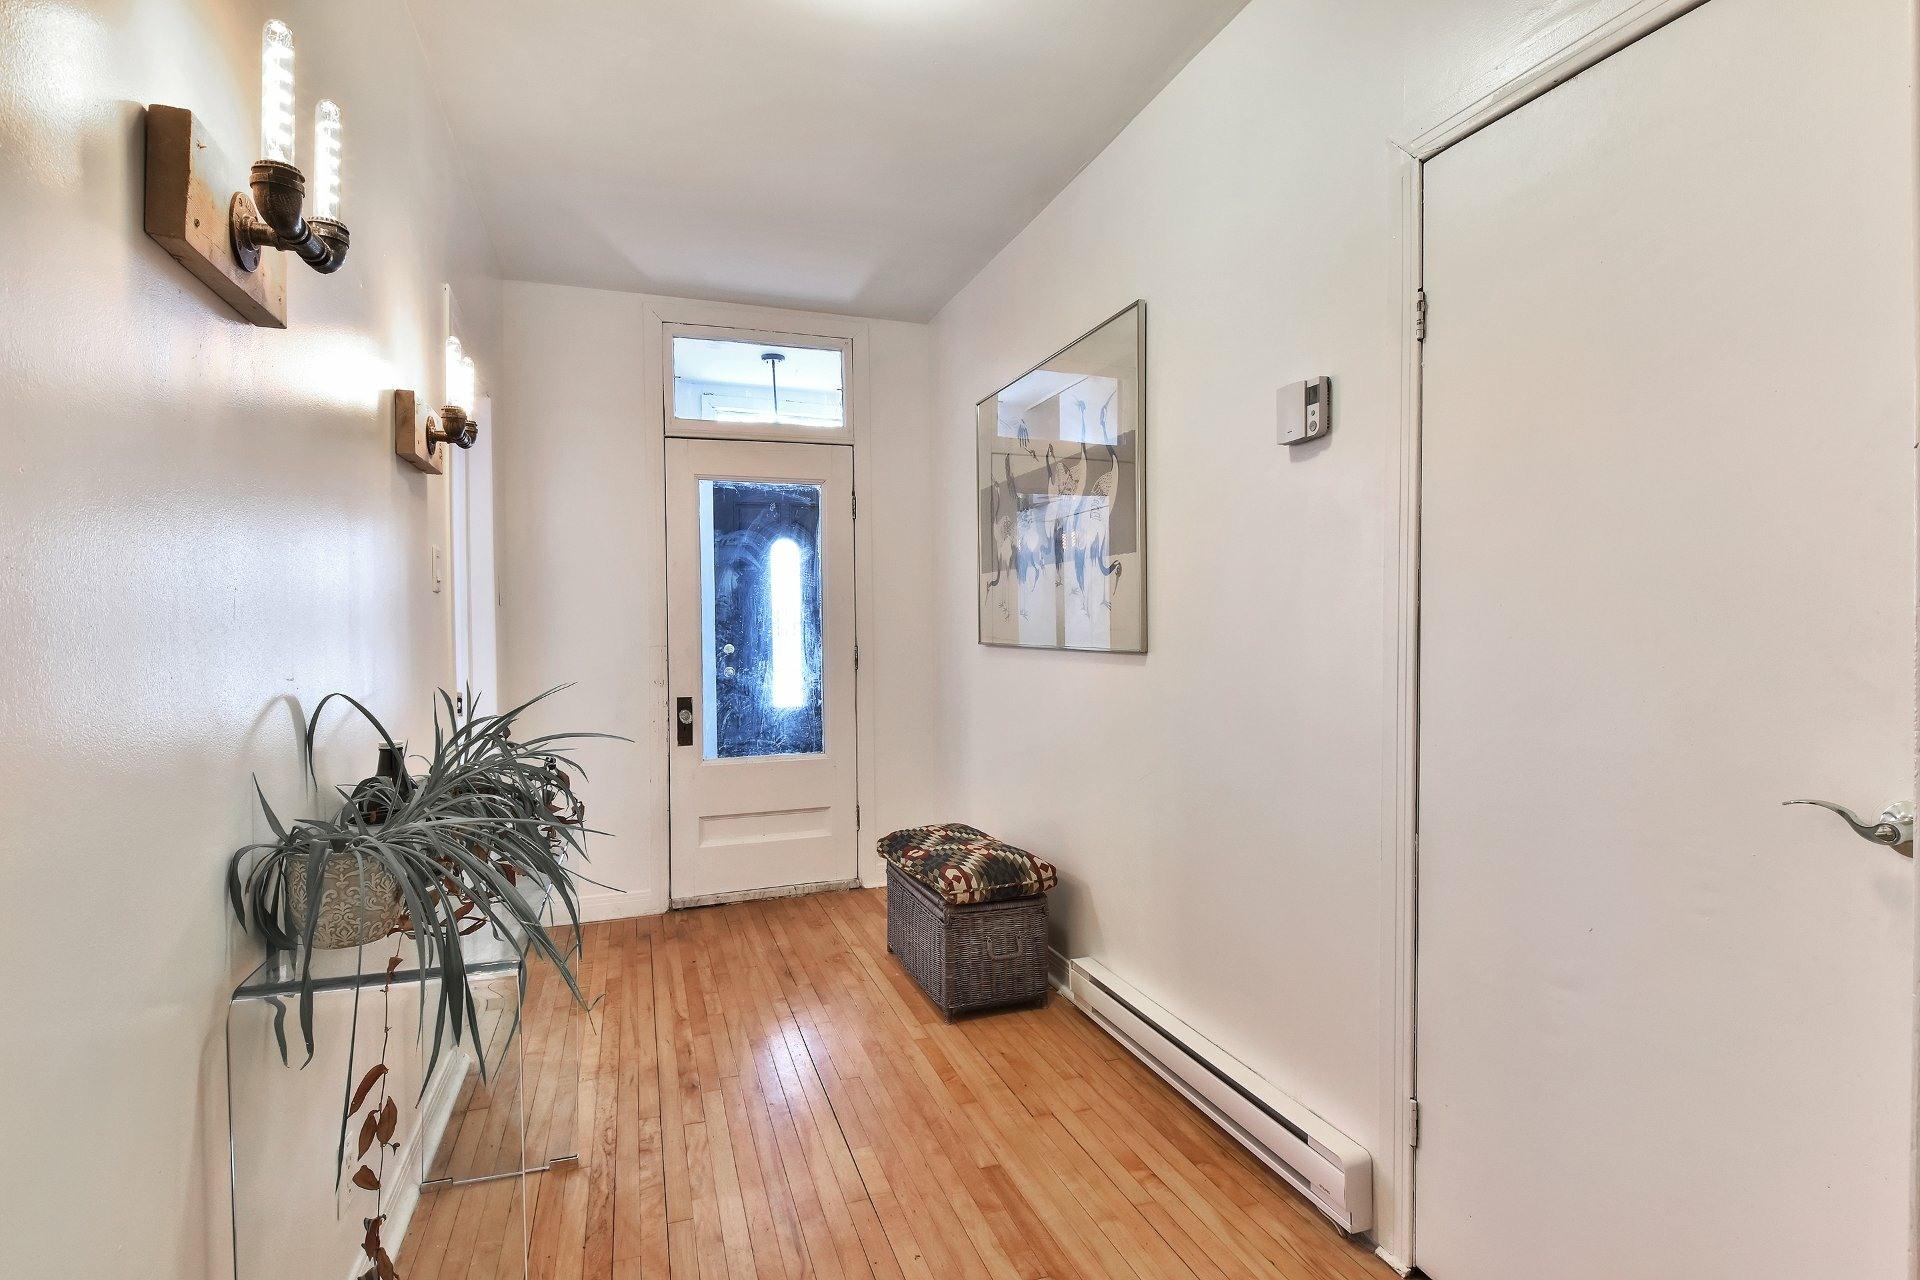 image 3 - Apartment For sale Montréal Côte-des-Neiges/Notre-Dame-de-Grâce  - 7 rooms